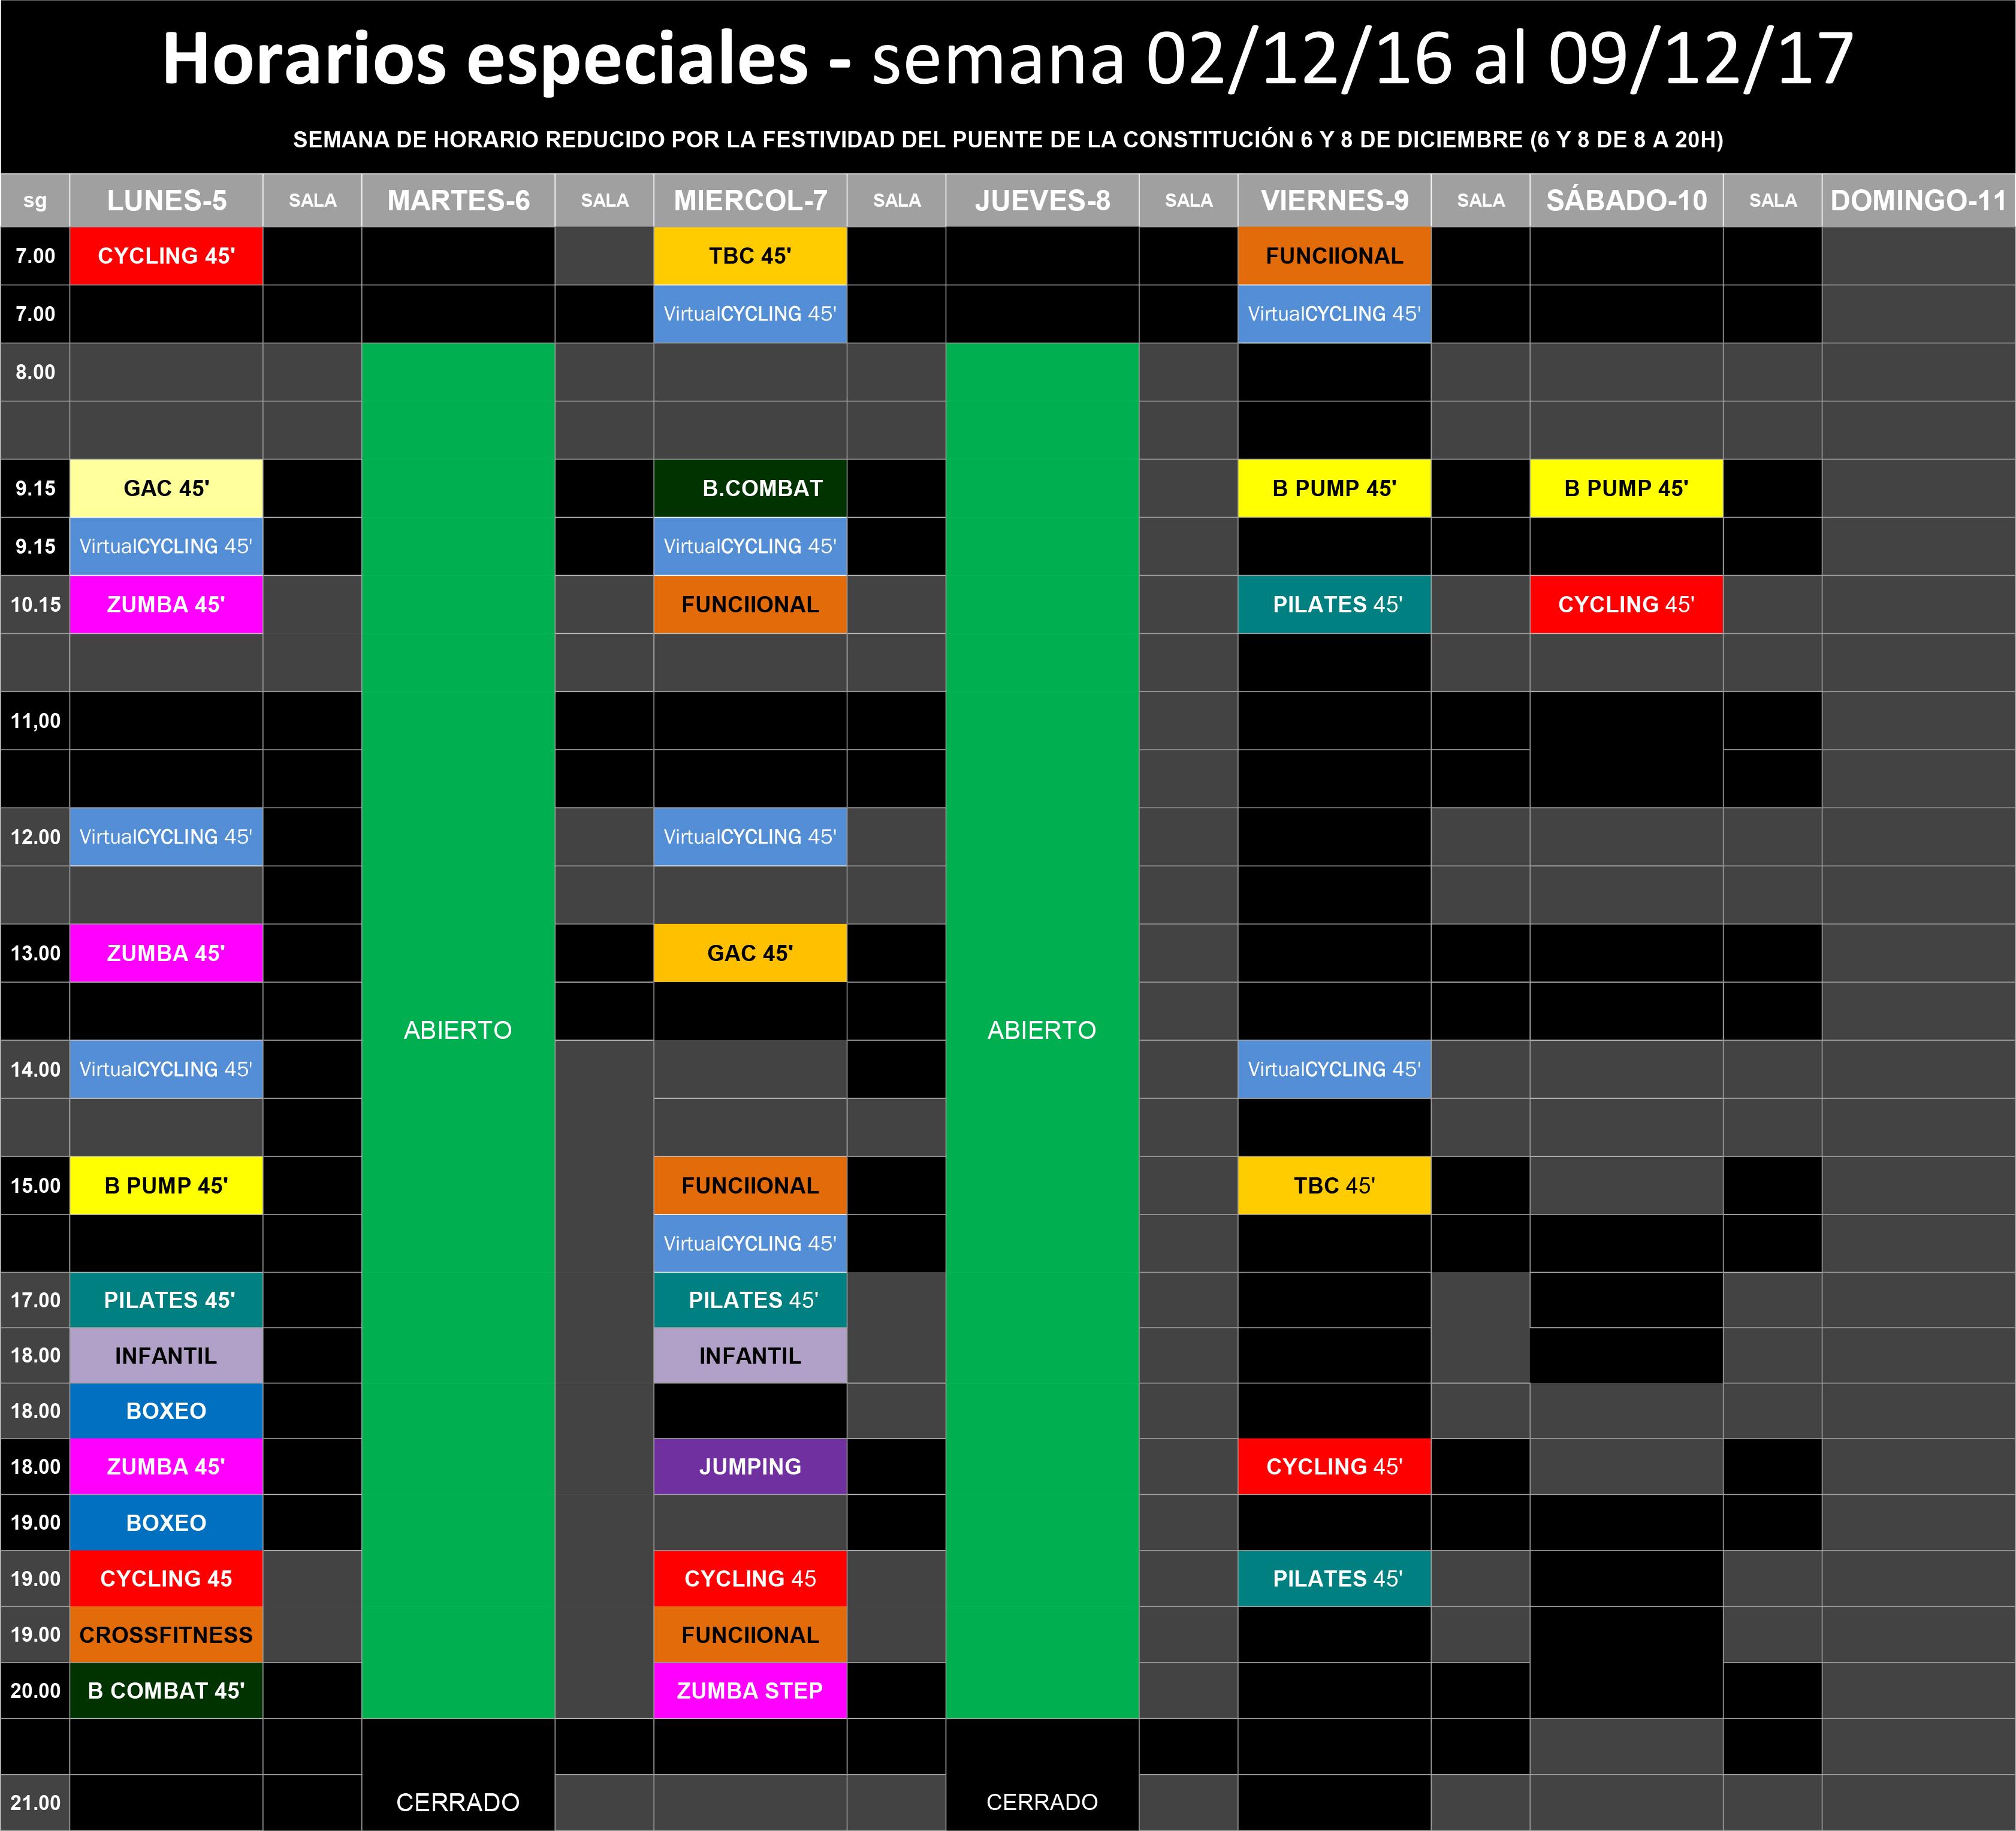 Basic factory sabadell horarios especiales del 2 al 11 for Horario bricomart sabadell